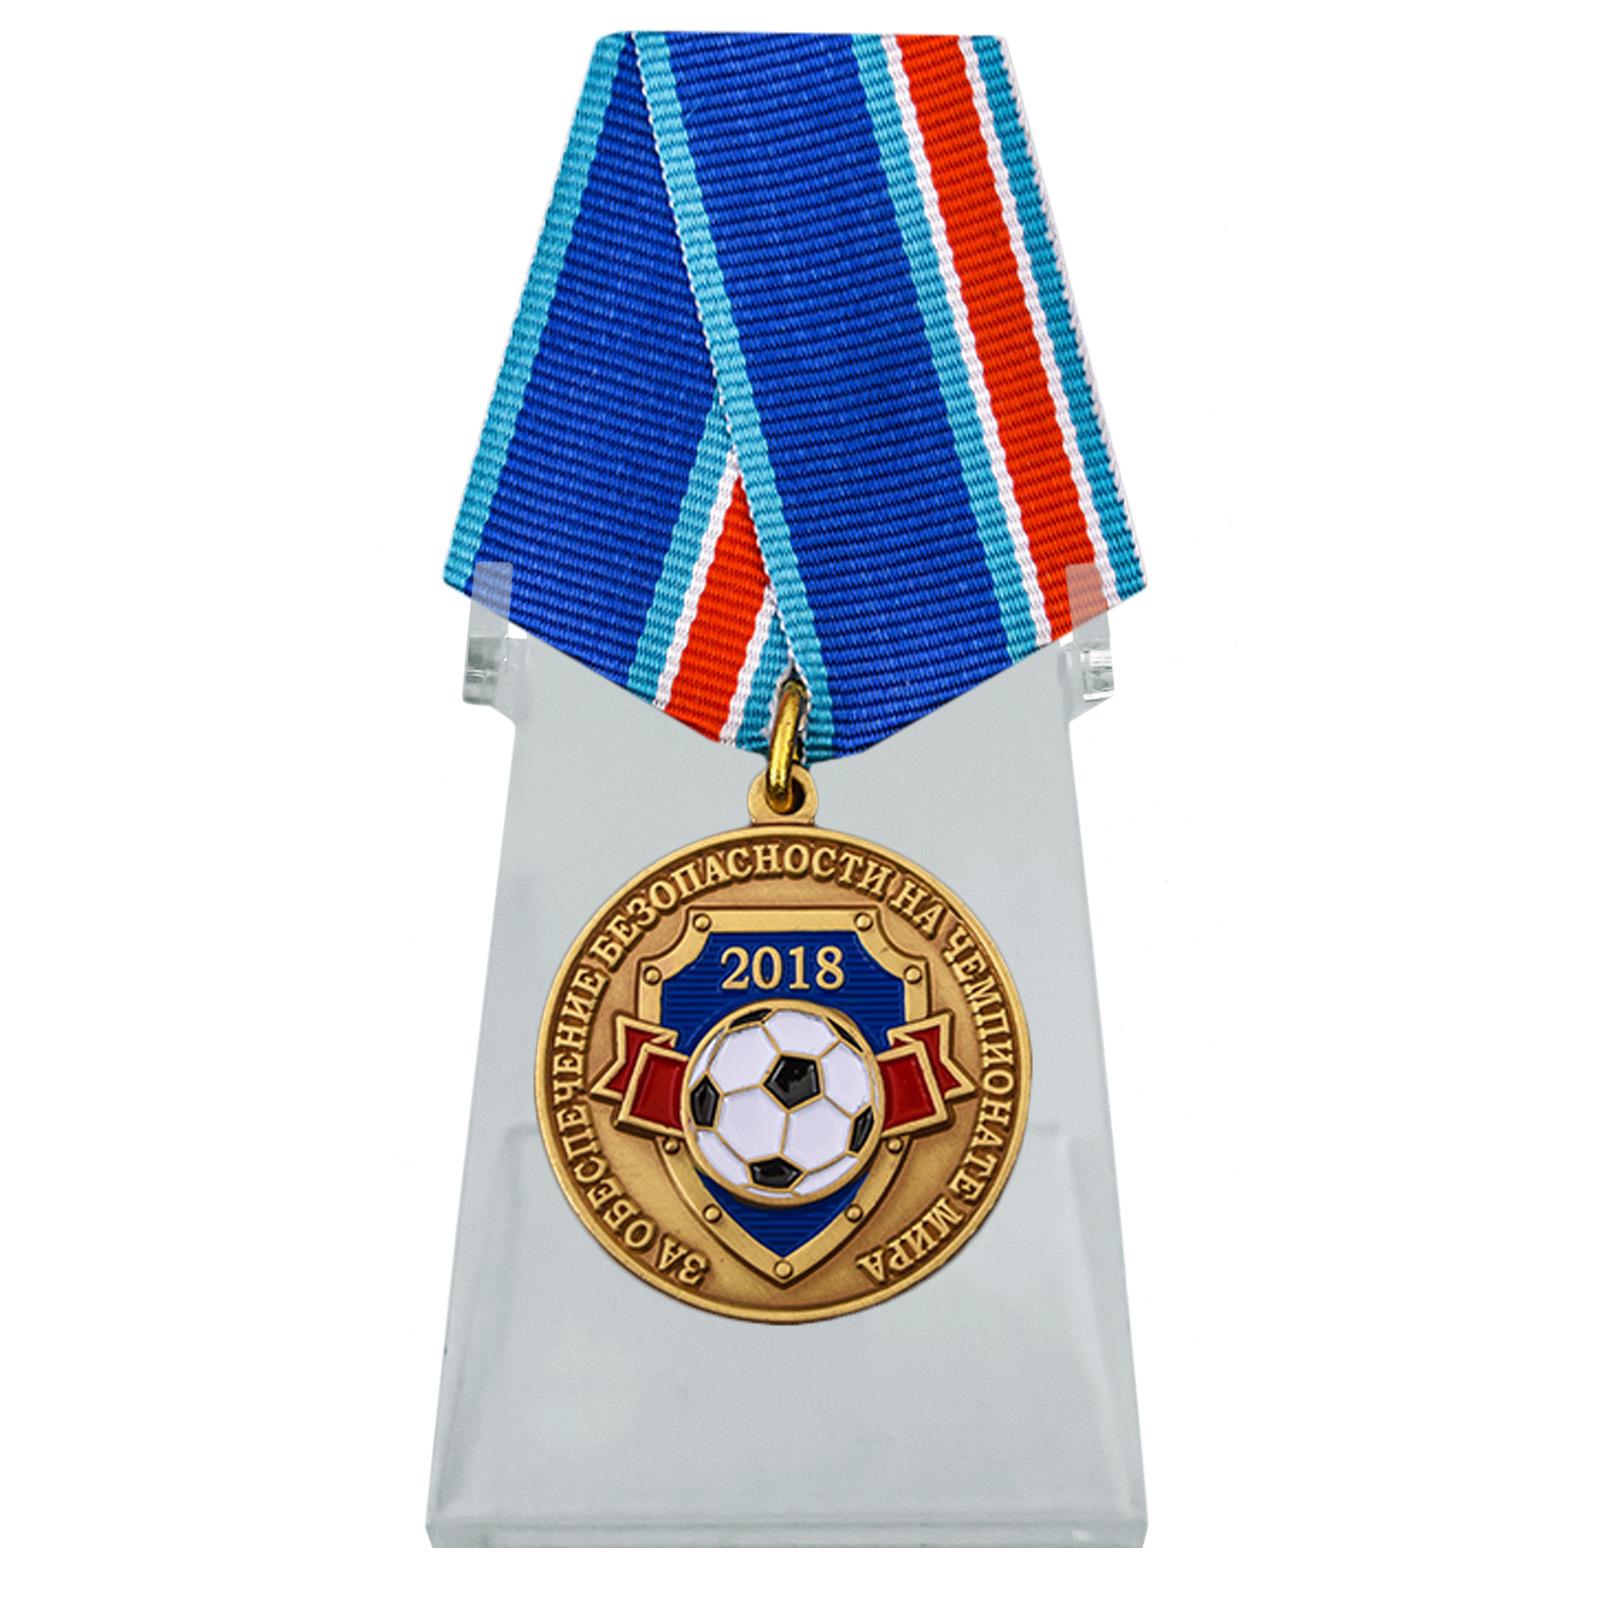 Медаль За обеспечение безопасности на Чемпионате мира 2018 на подставке